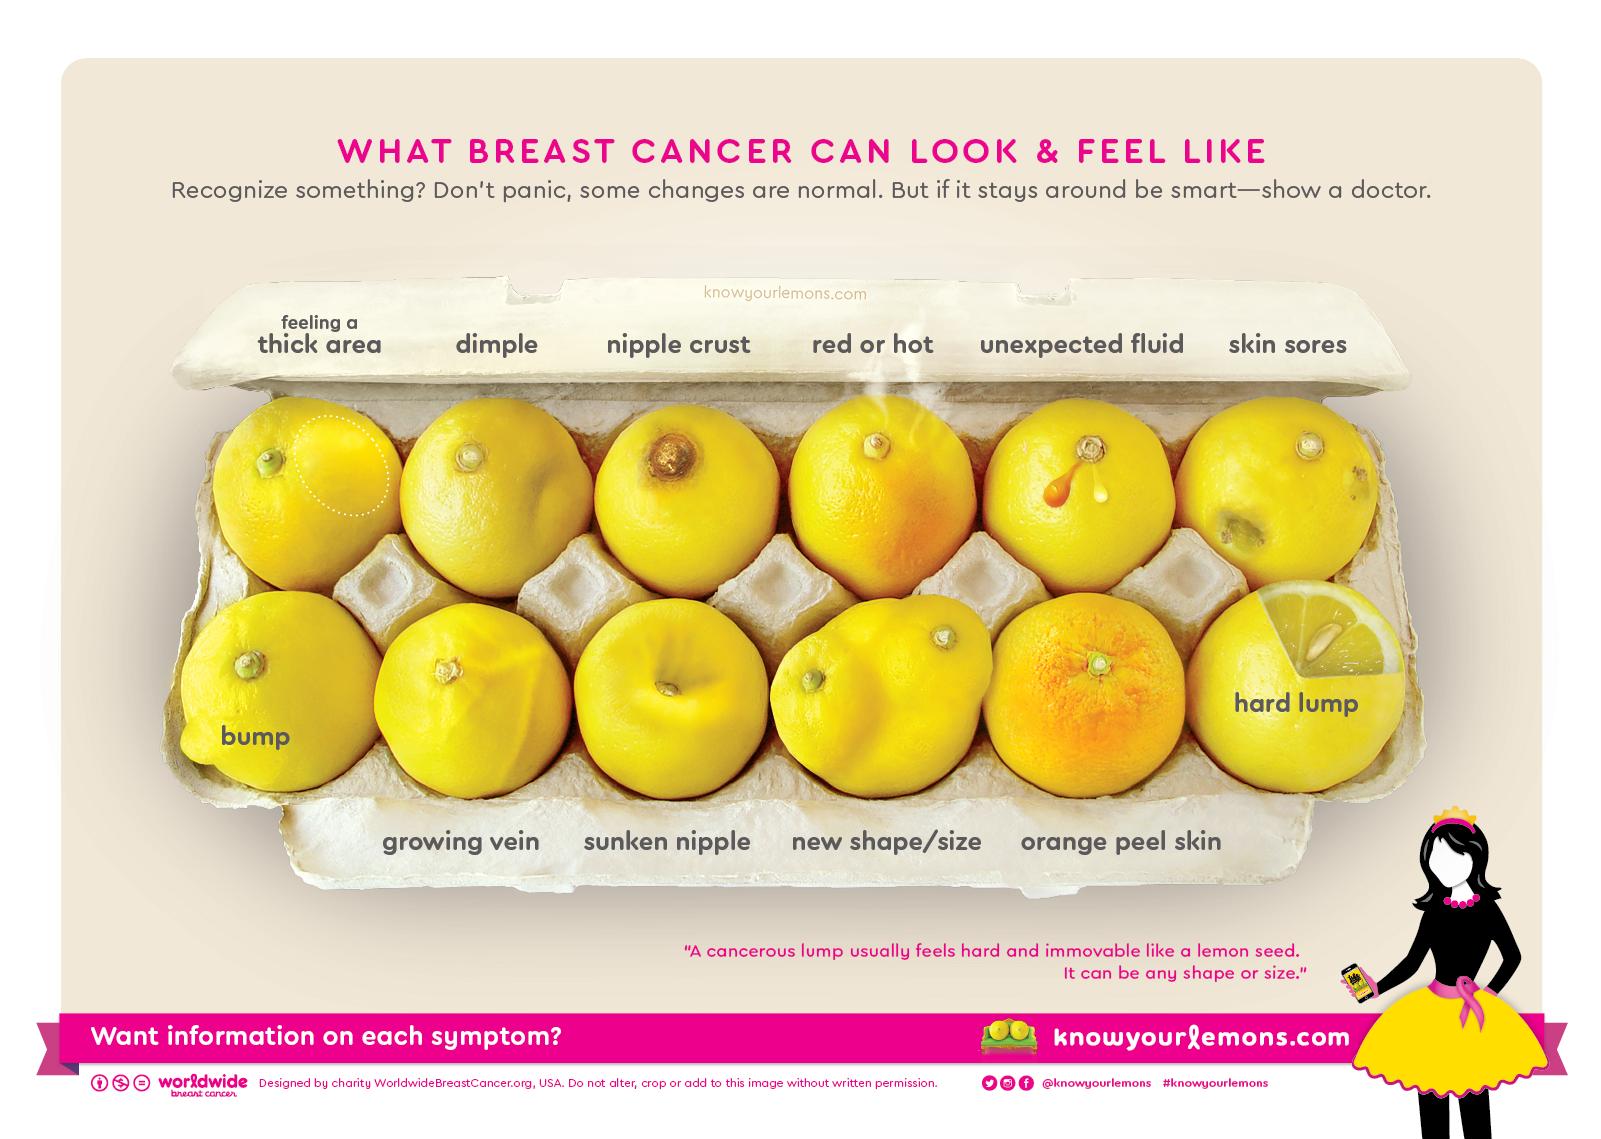 Know Your Lemons  รู้จักมะนาวรู้จักเต้านม แอพฯ ช่วยผู้หญิงตรวจเช็คมะเร็งเต้านมด้วยตัวเองง่ายๆ